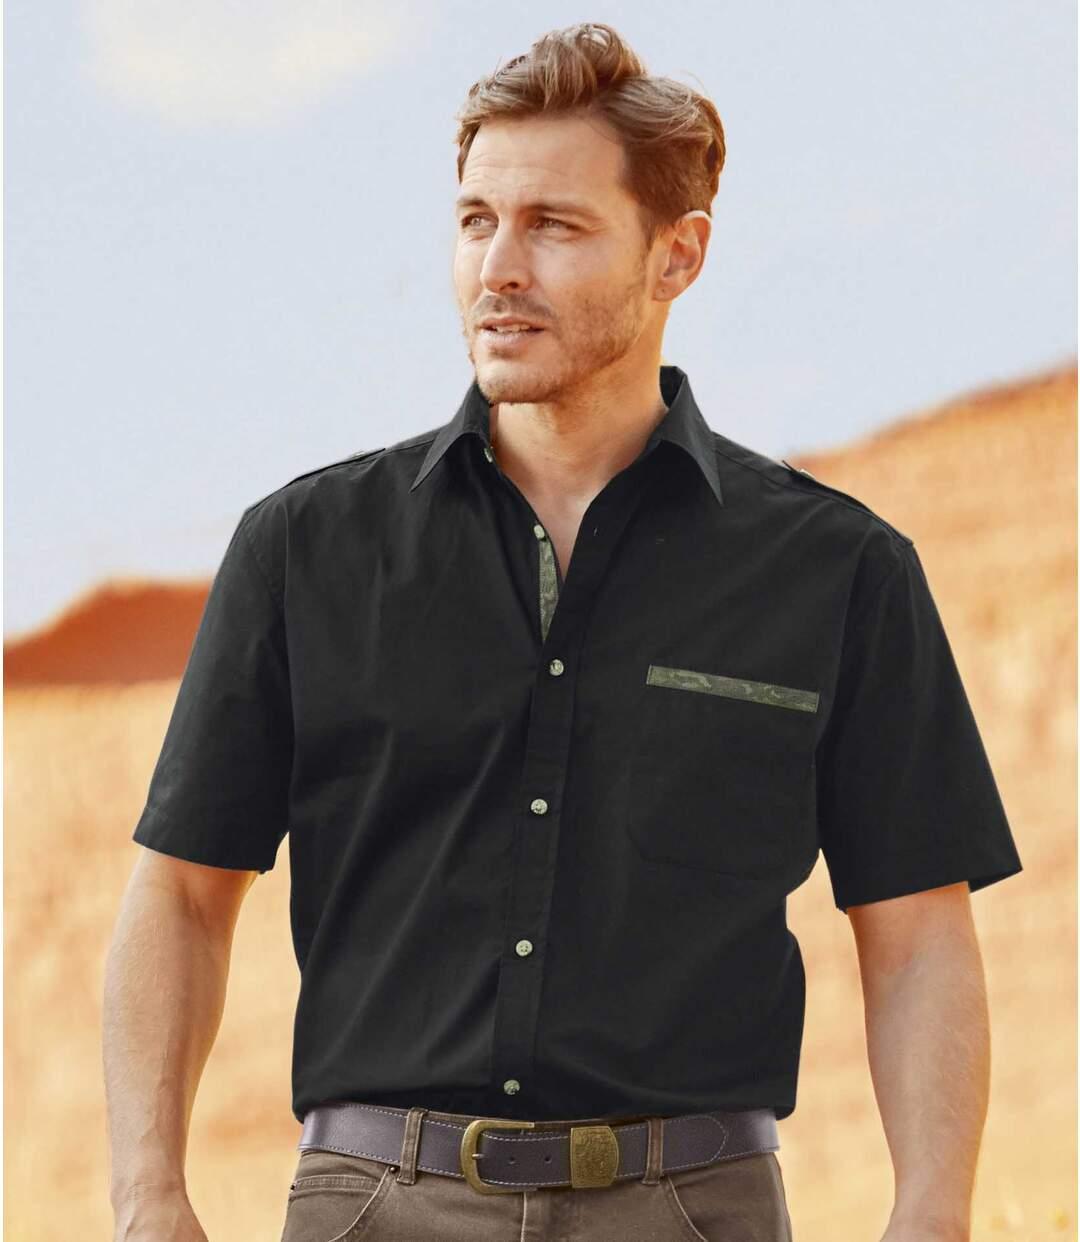 Czarna koszula z kamuflażowymi detalami